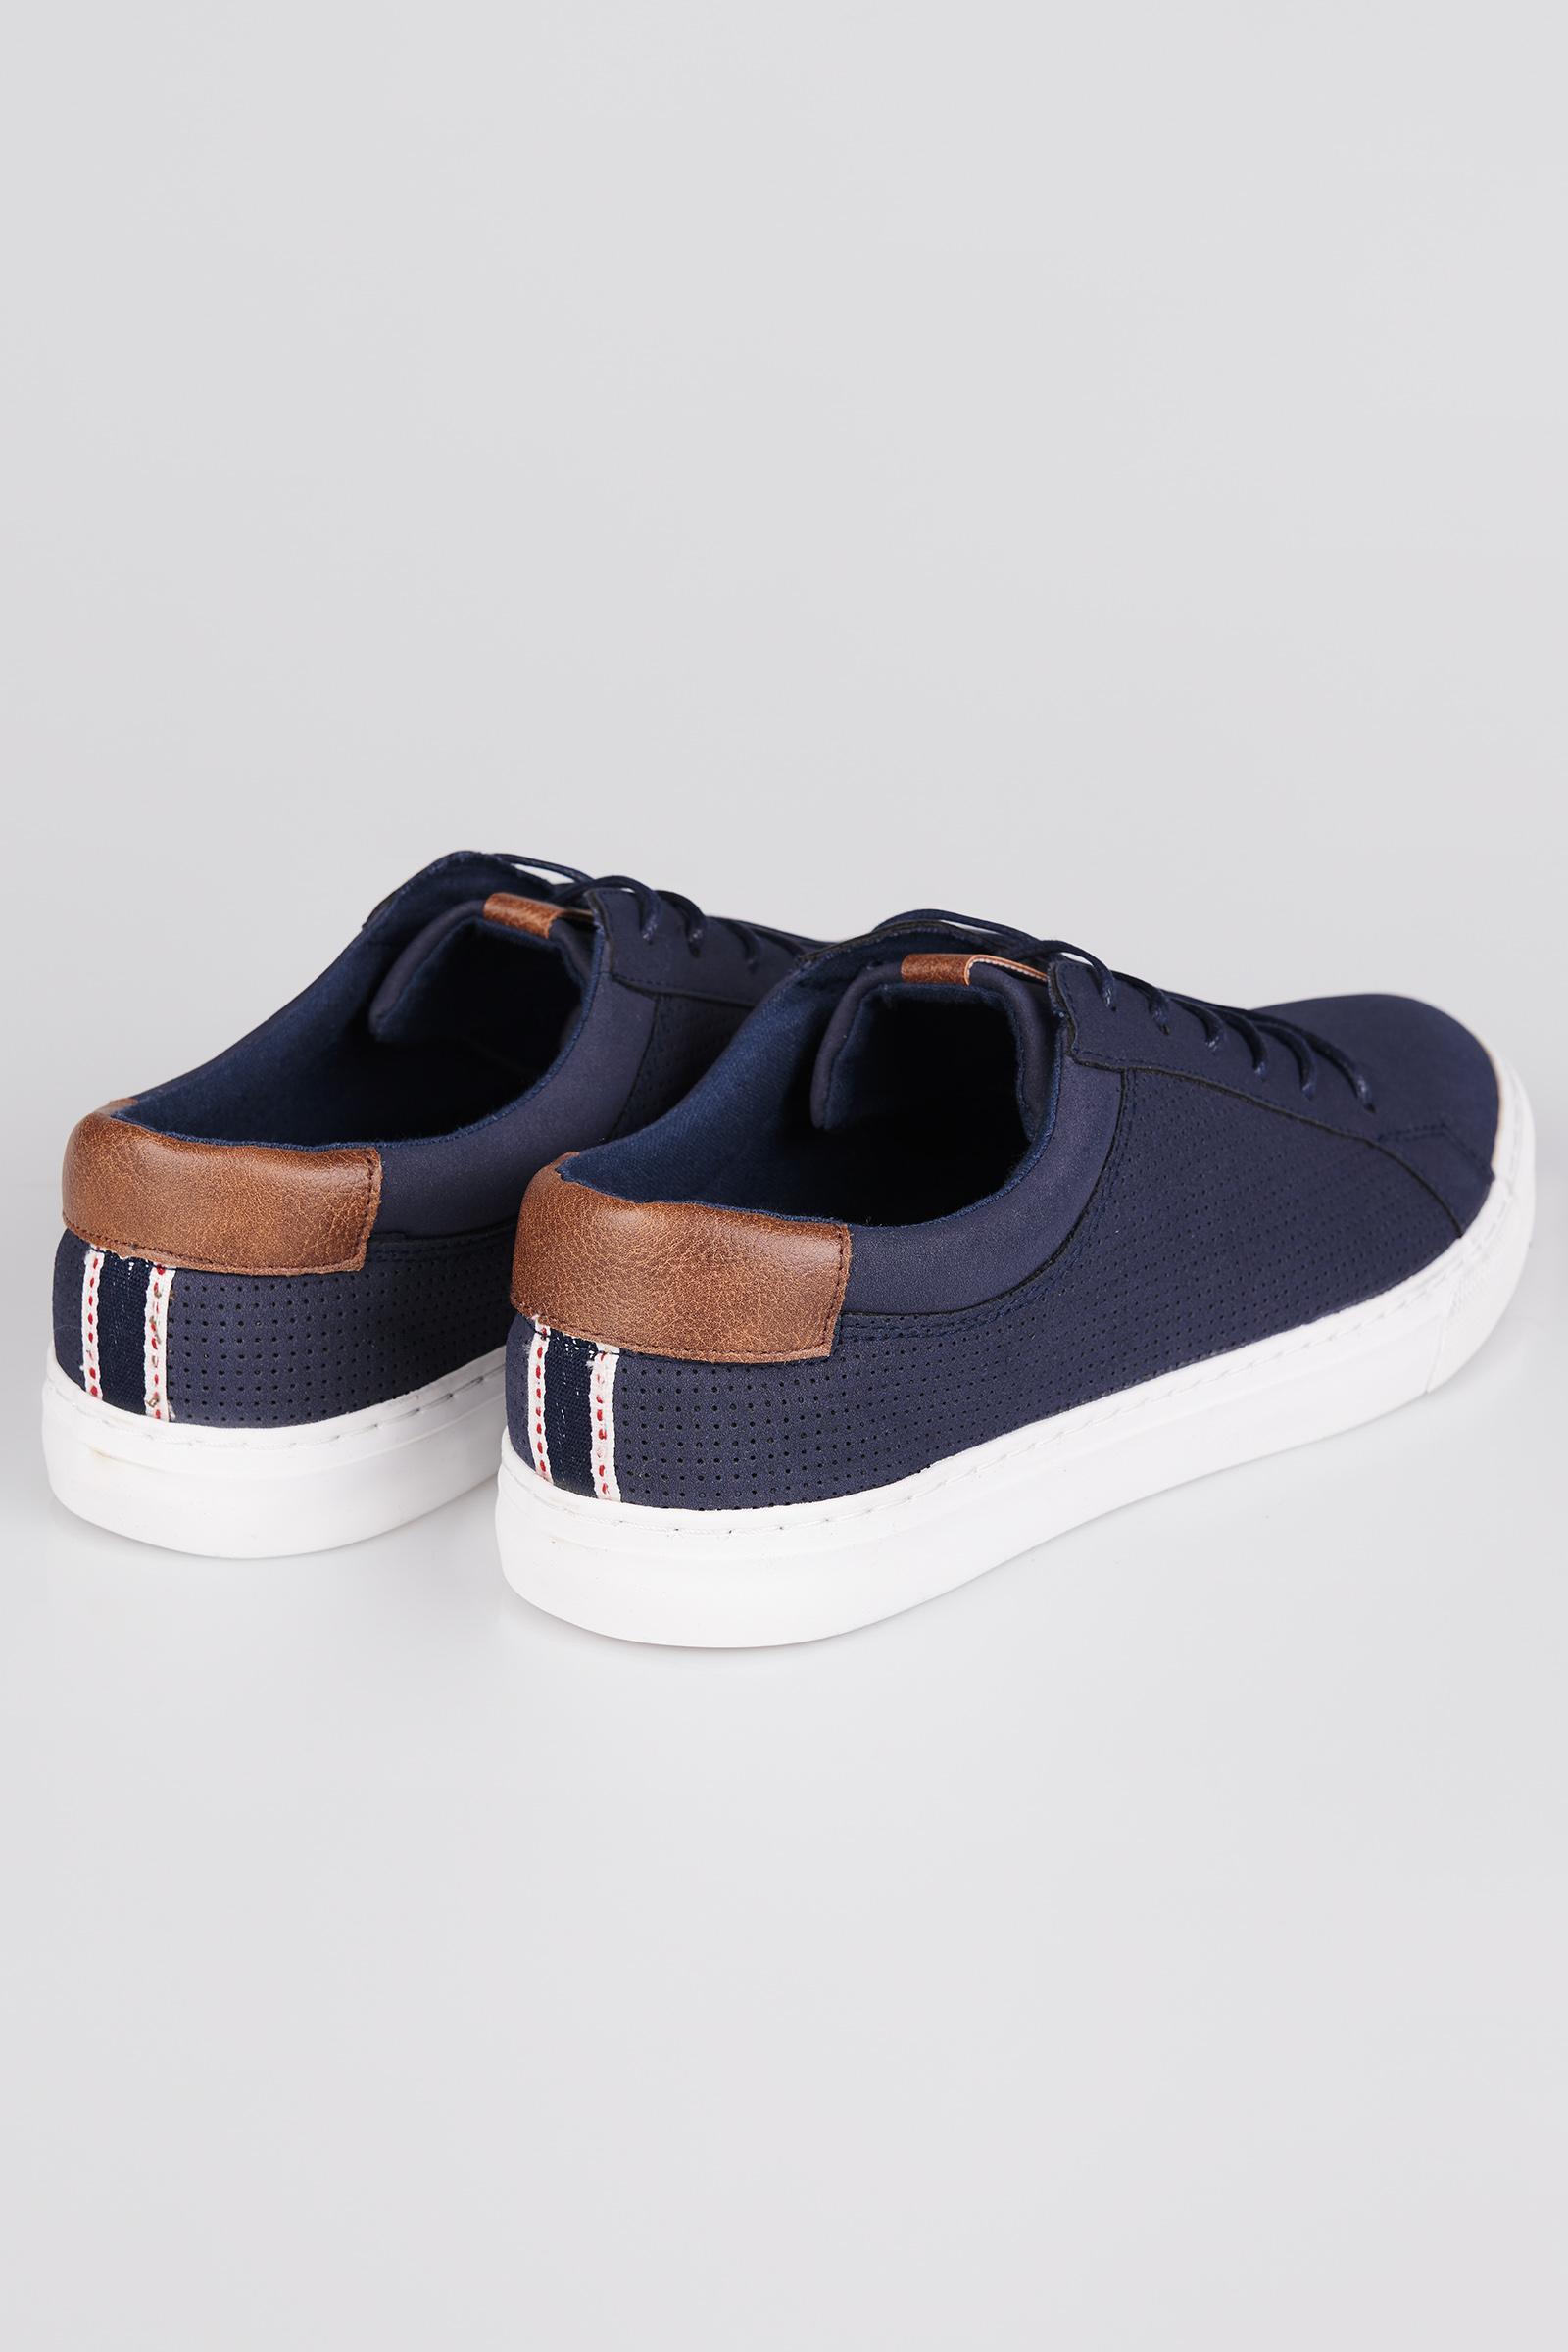 4b7cfb0a17c51 Zapatos Hombre Jeanswear-zapatos Koaj Chala 3 18